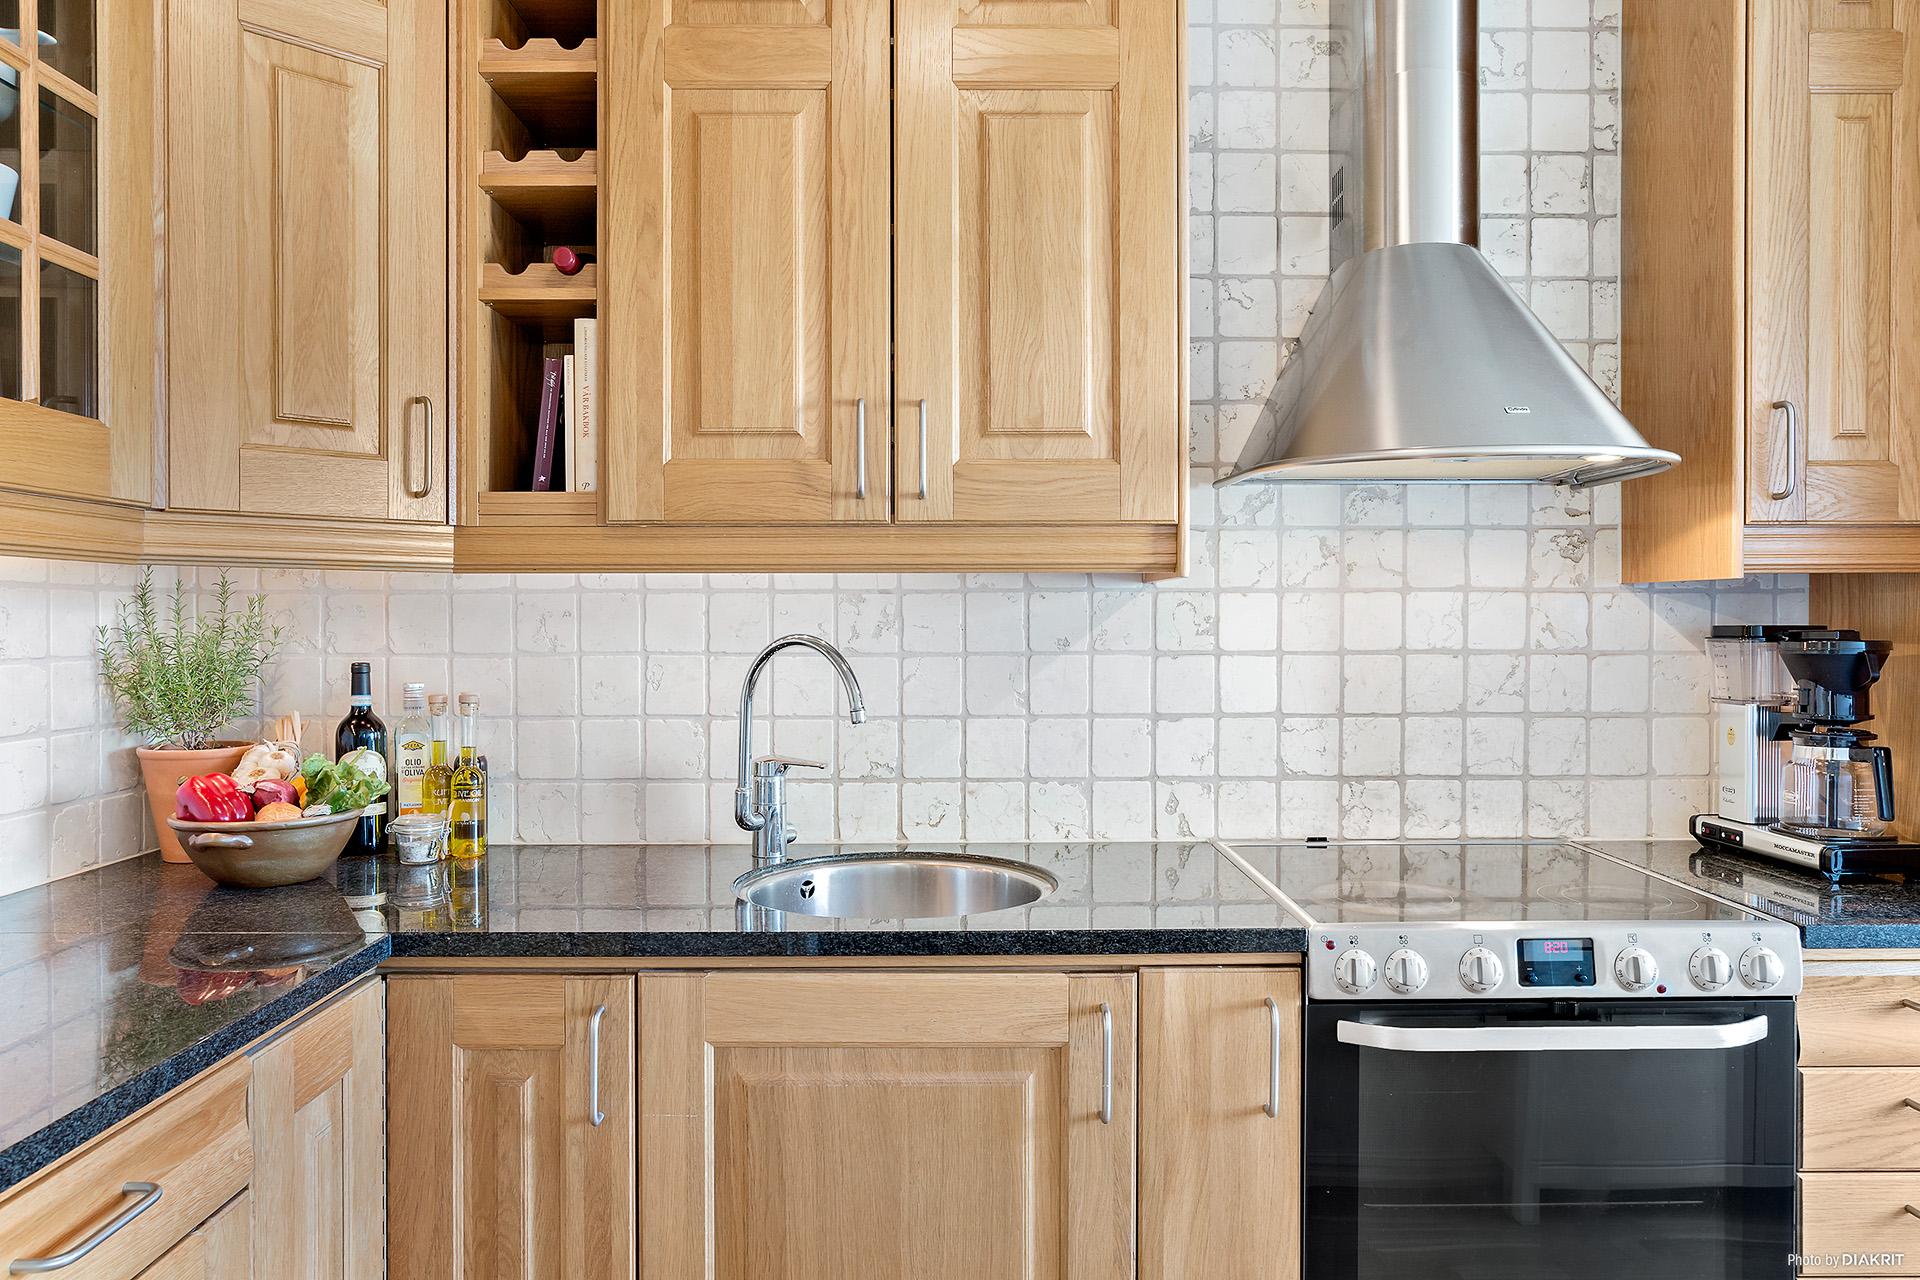 Vitrinskåp, infälld diskho och vinställ är några fina detaljer i köket